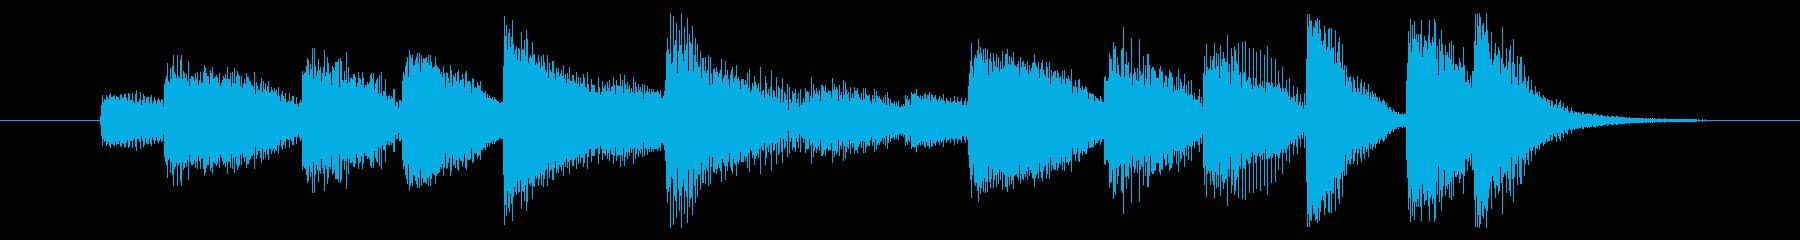 前向きな勢いを感じるピアノジングル 6秒の再生済みの波形